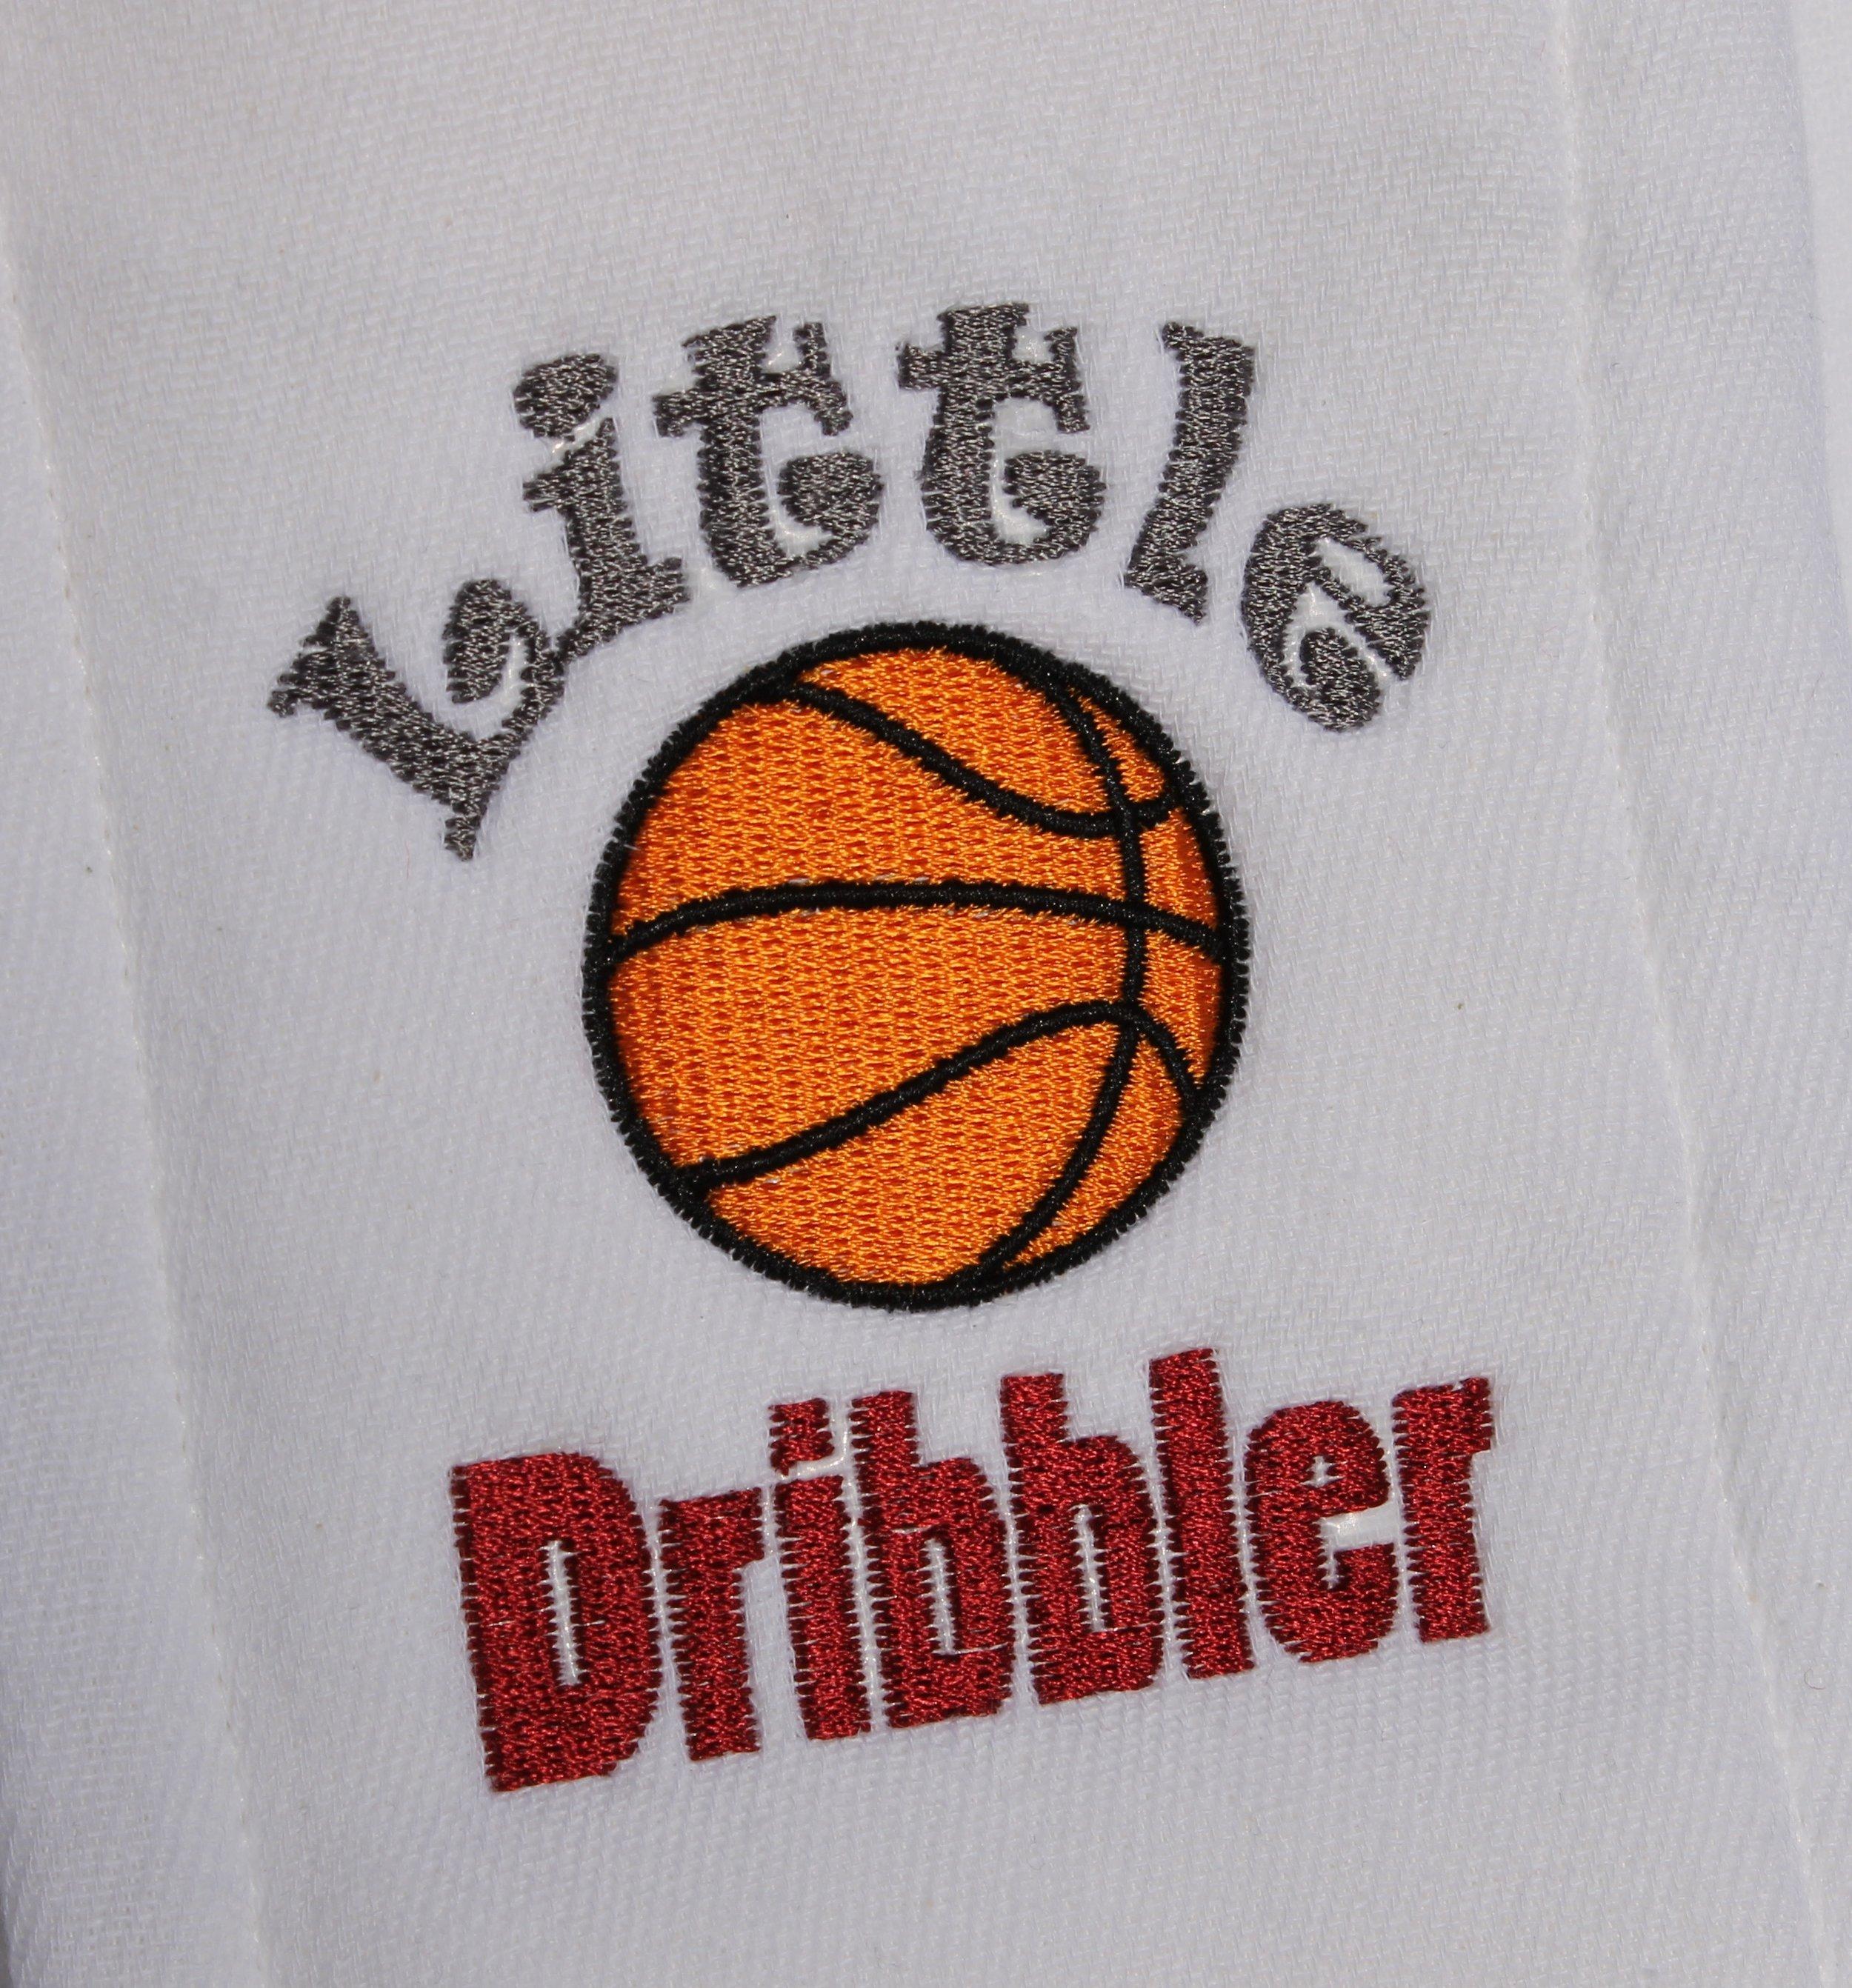 Little Dribbler - 3